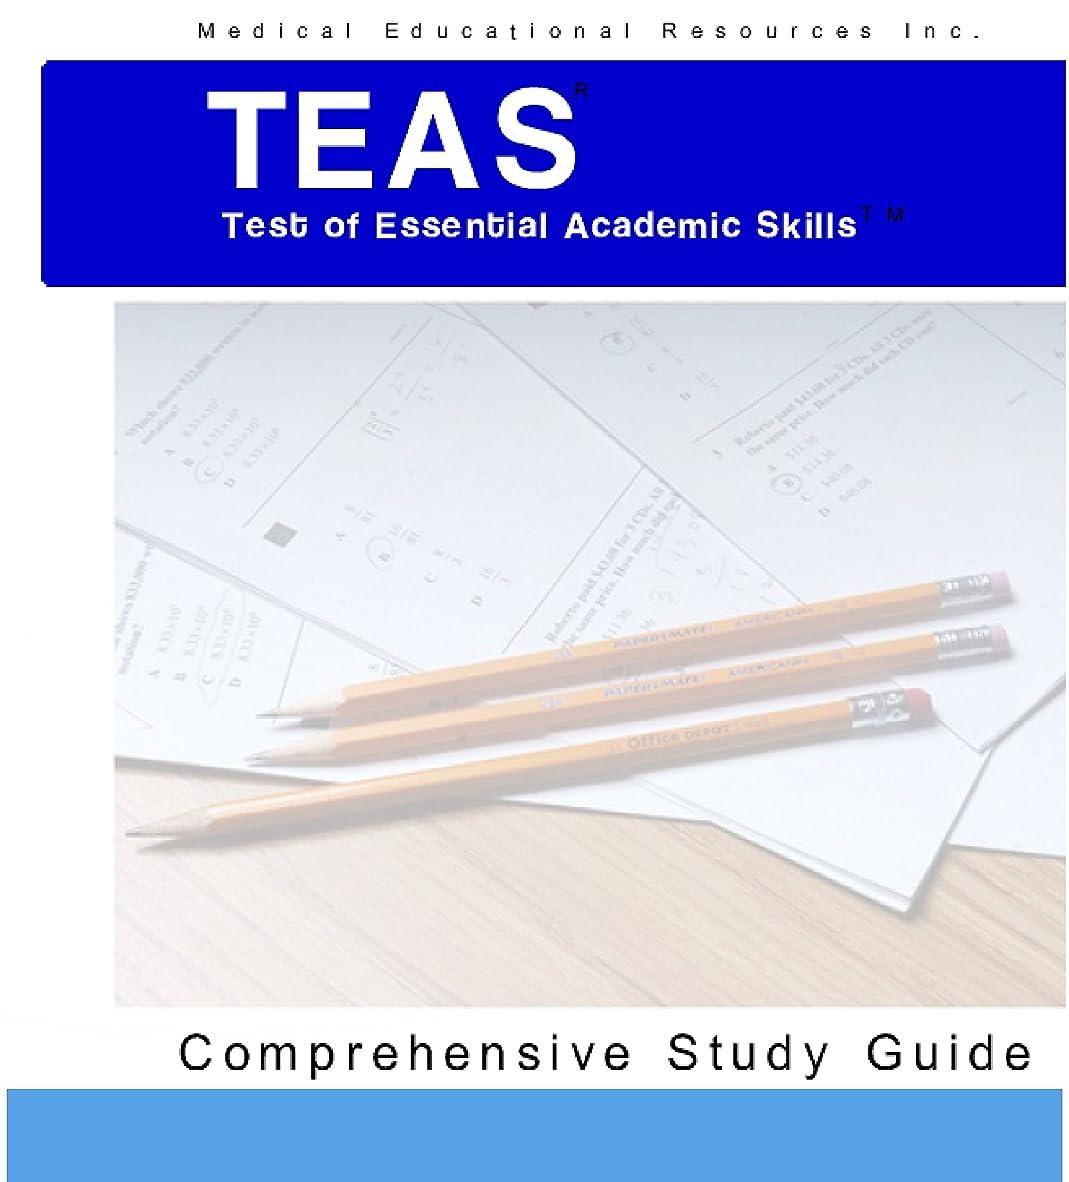 呪い遺産に付けるTEAS Test of Essential Academic Skills TEAS Test Comprehensive Study Guide: TEAS Test of Essential Academic Skills TEAS Test (English Edition)